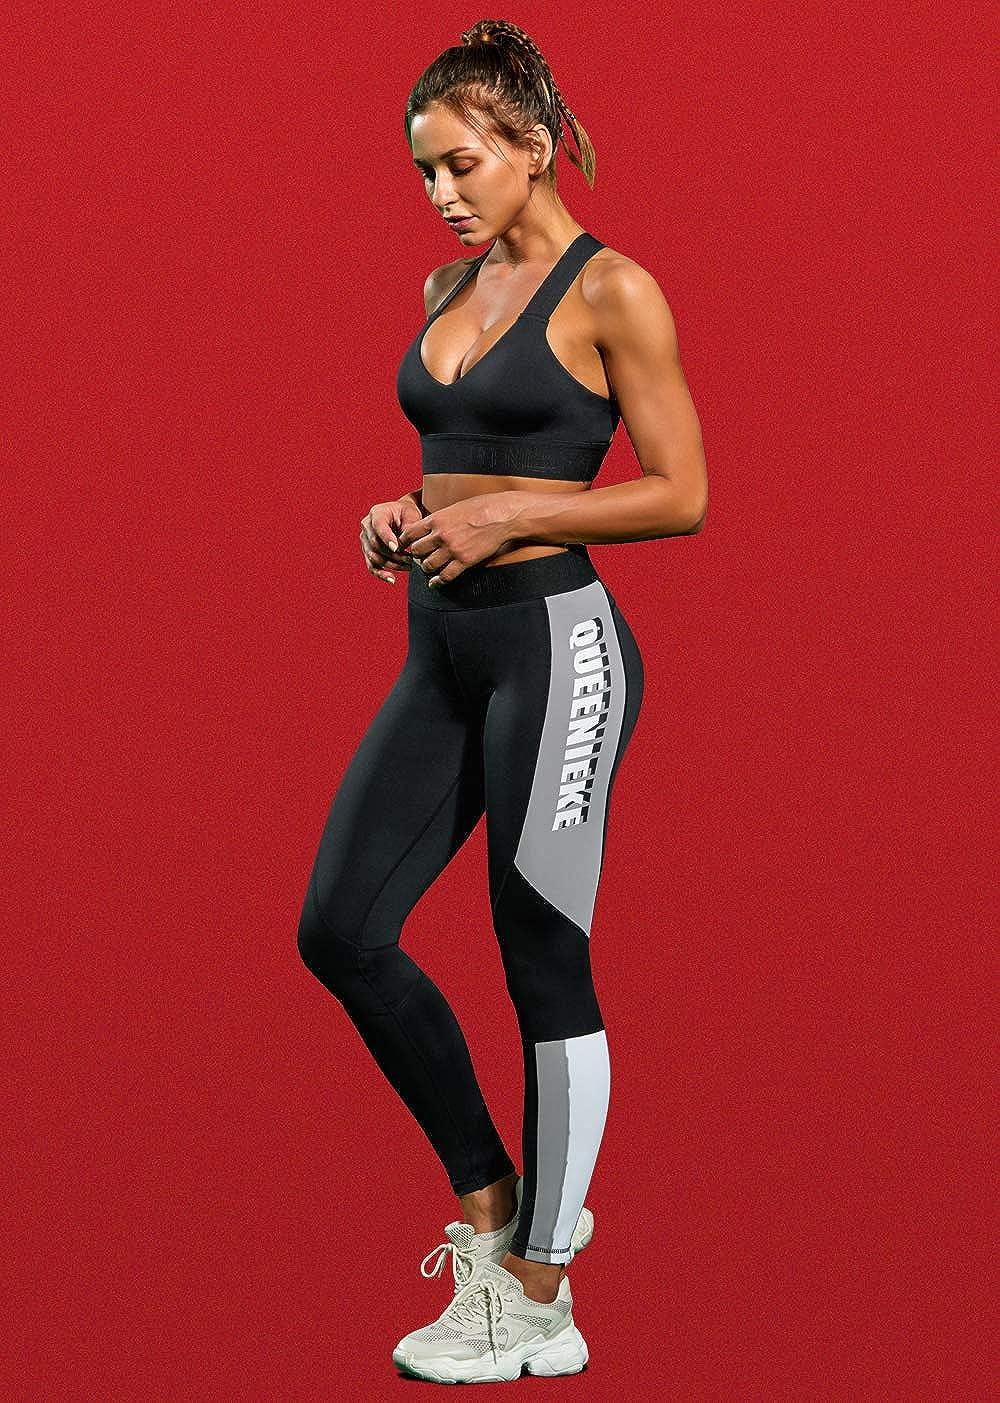 QUEENIEKE Women Workout Leggings Full-Length Buttery Soft Yoga Pants Running 90327